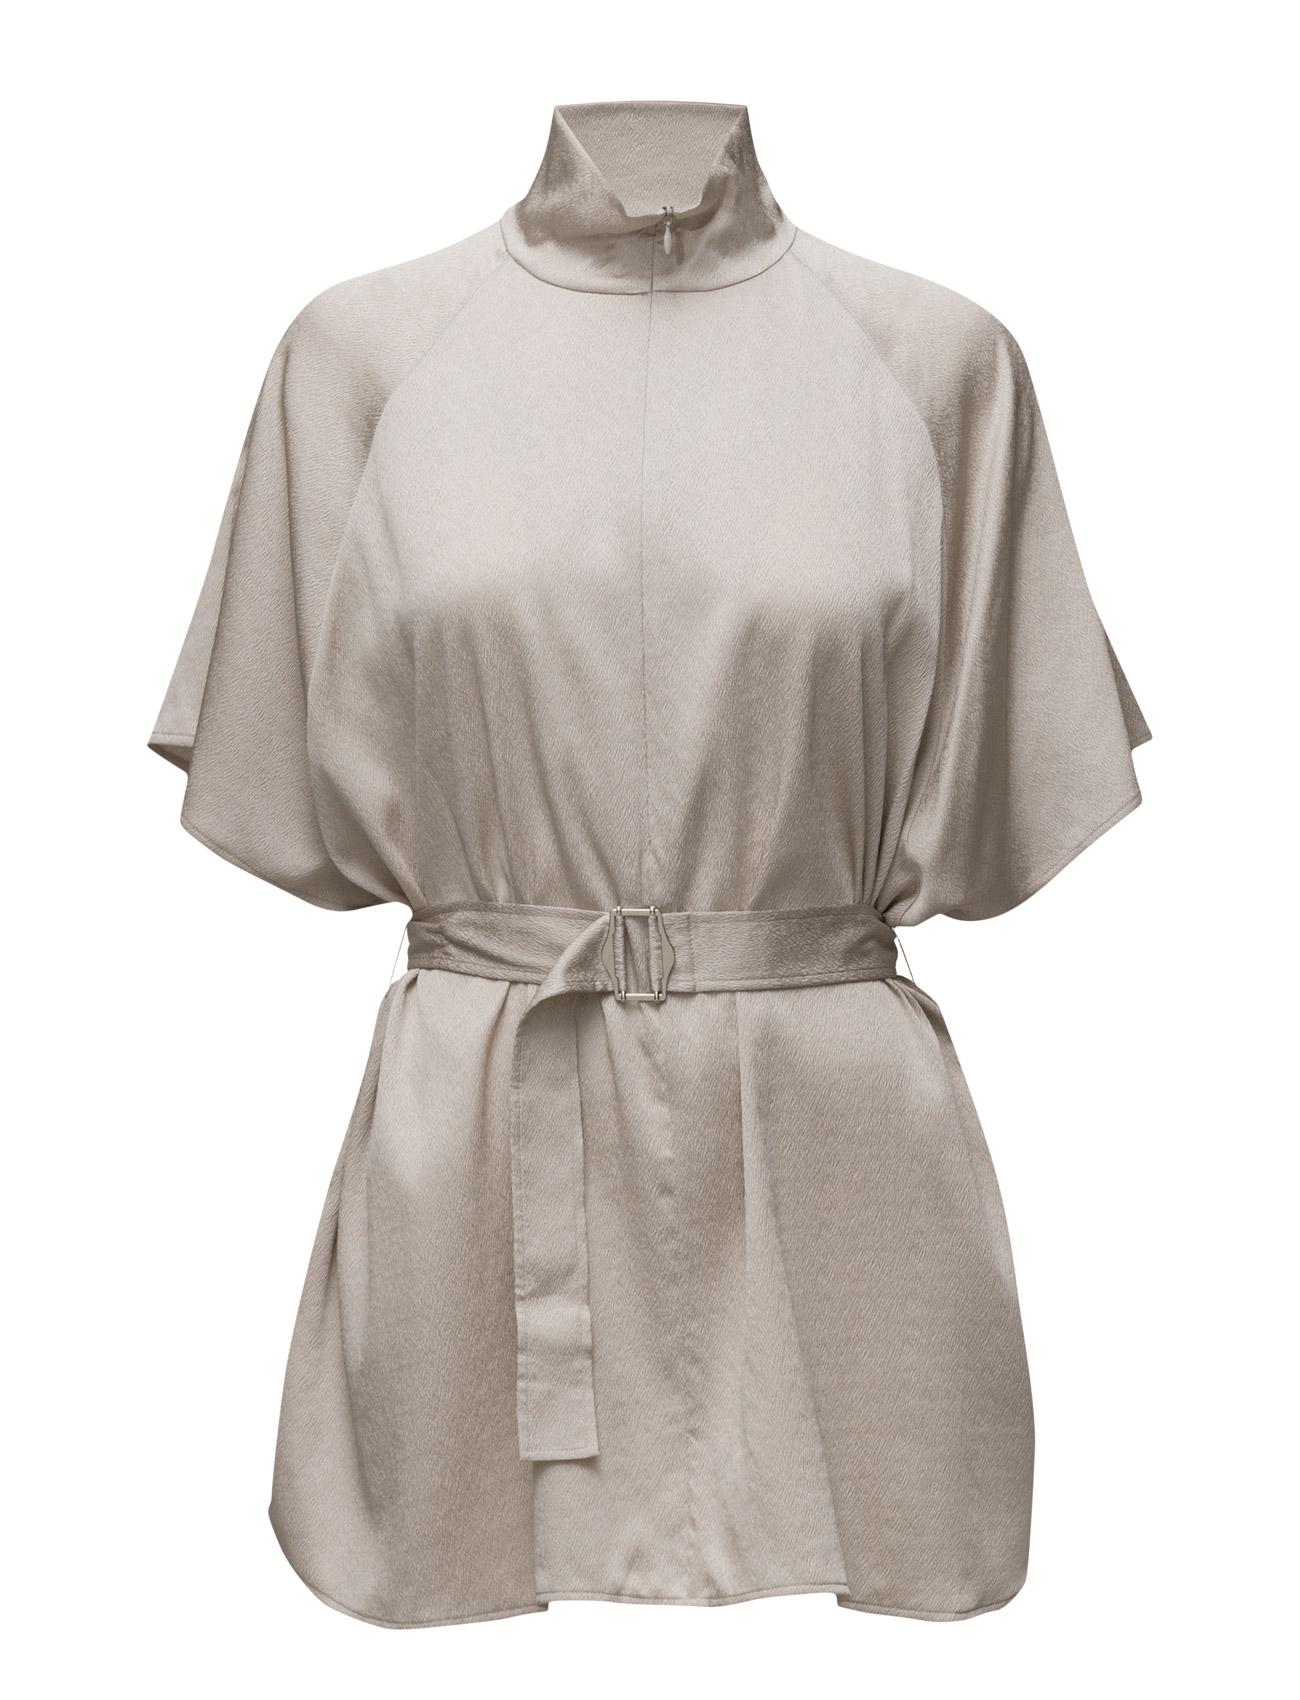 Zip Collar Belt Top Filippa K Bluser til Kvinder i Due